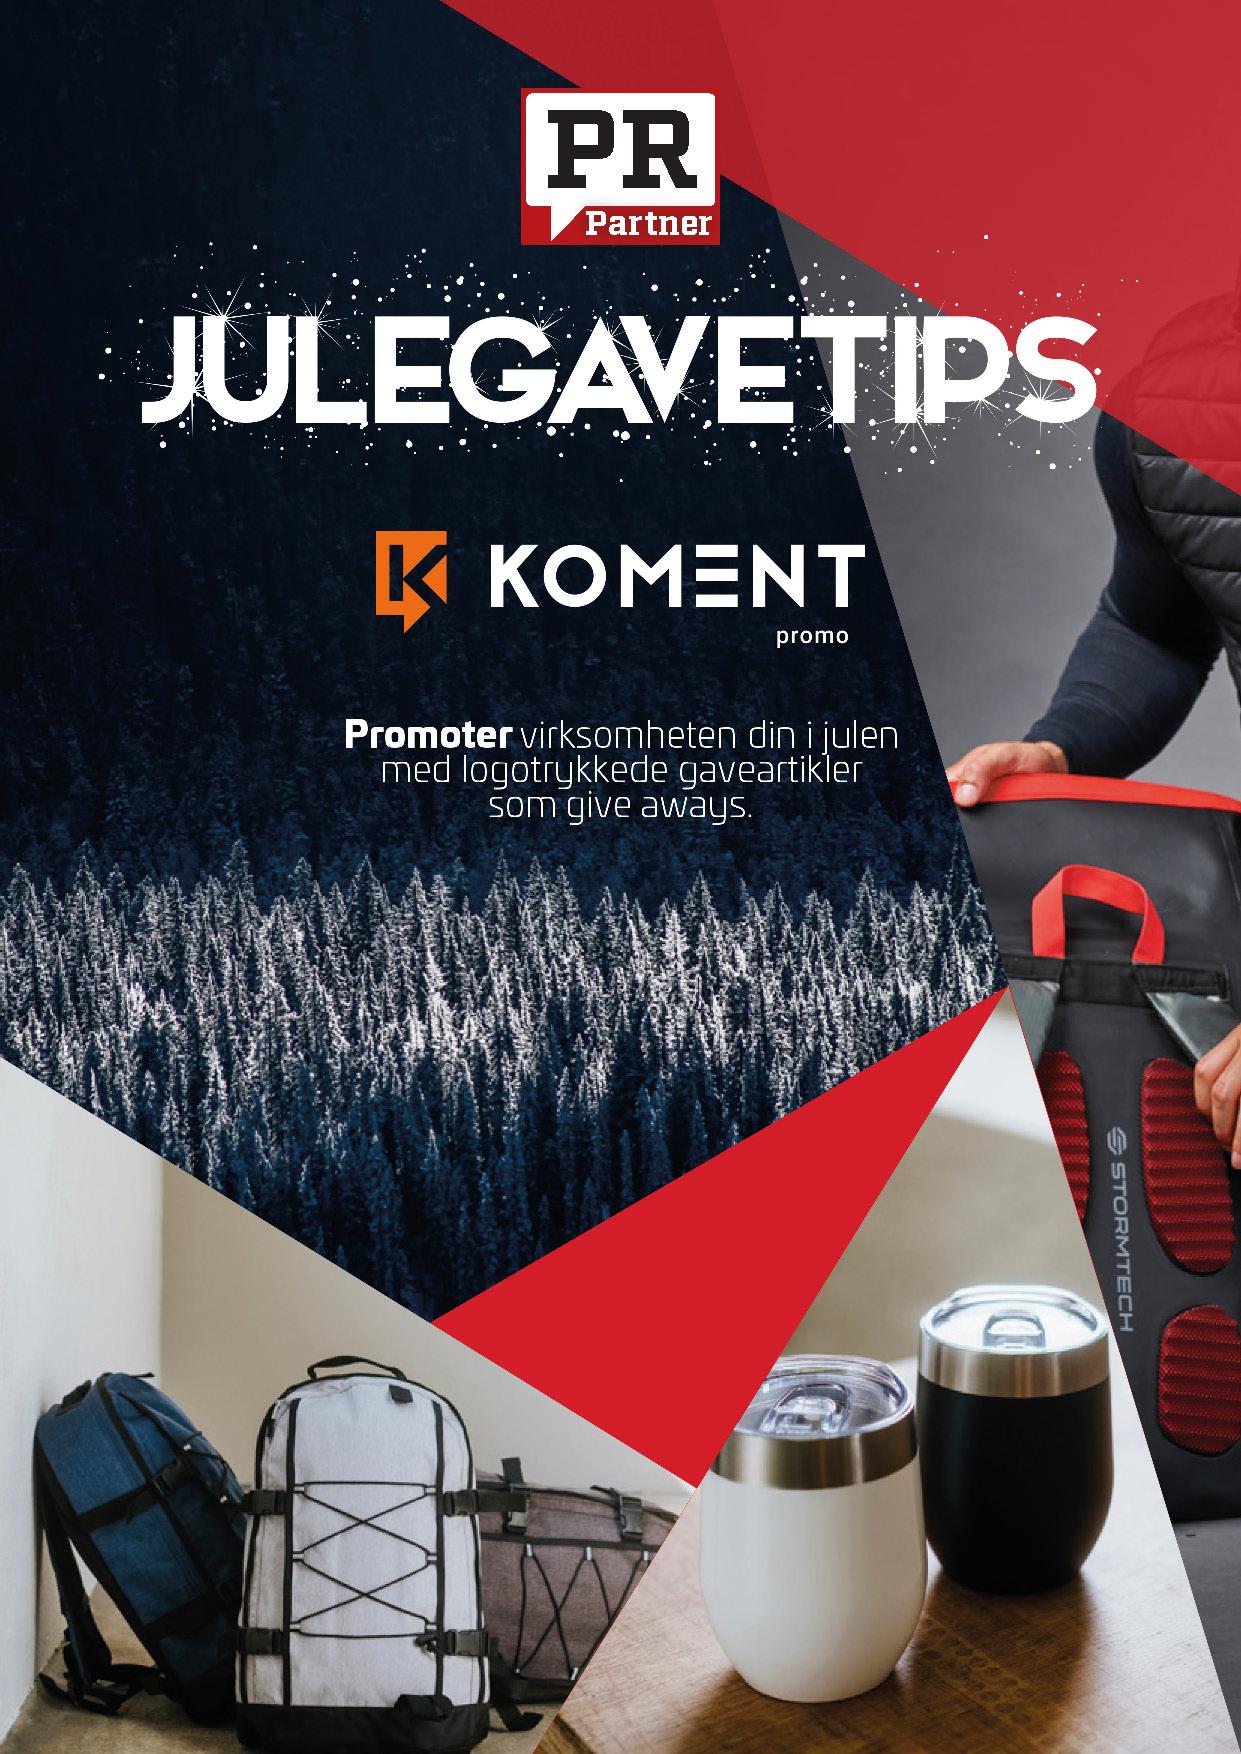 Julegavetips 2019 KOMENT Promo-PR-Partner_Side_01.jpg